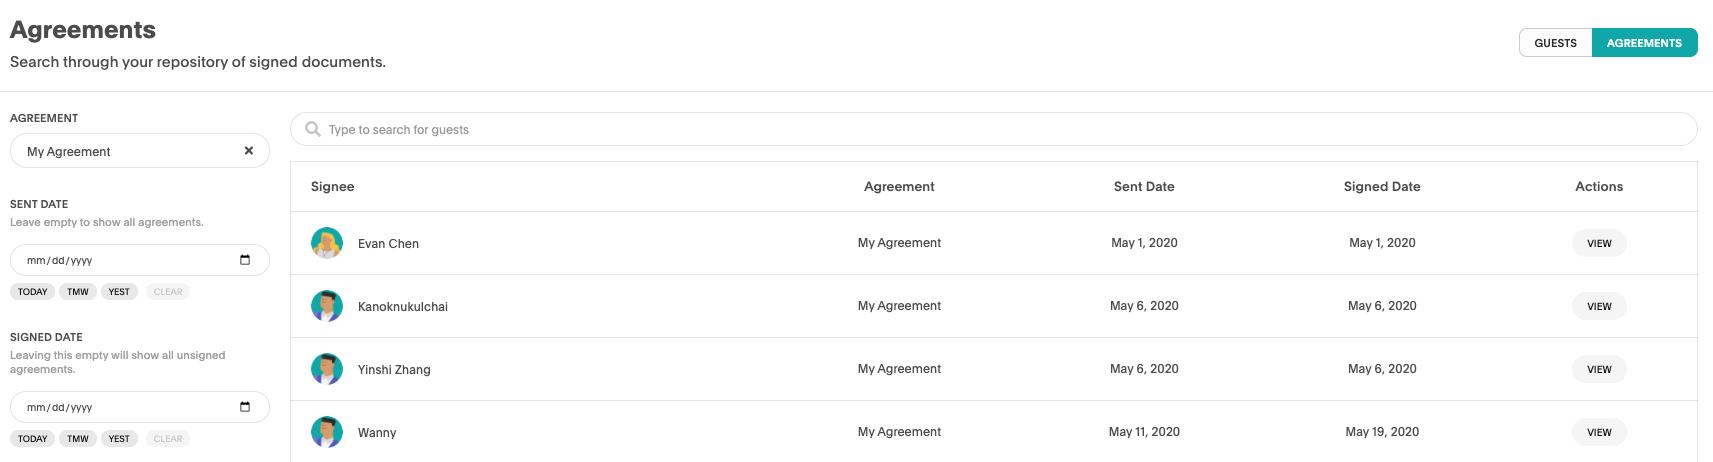 Akia agreements view